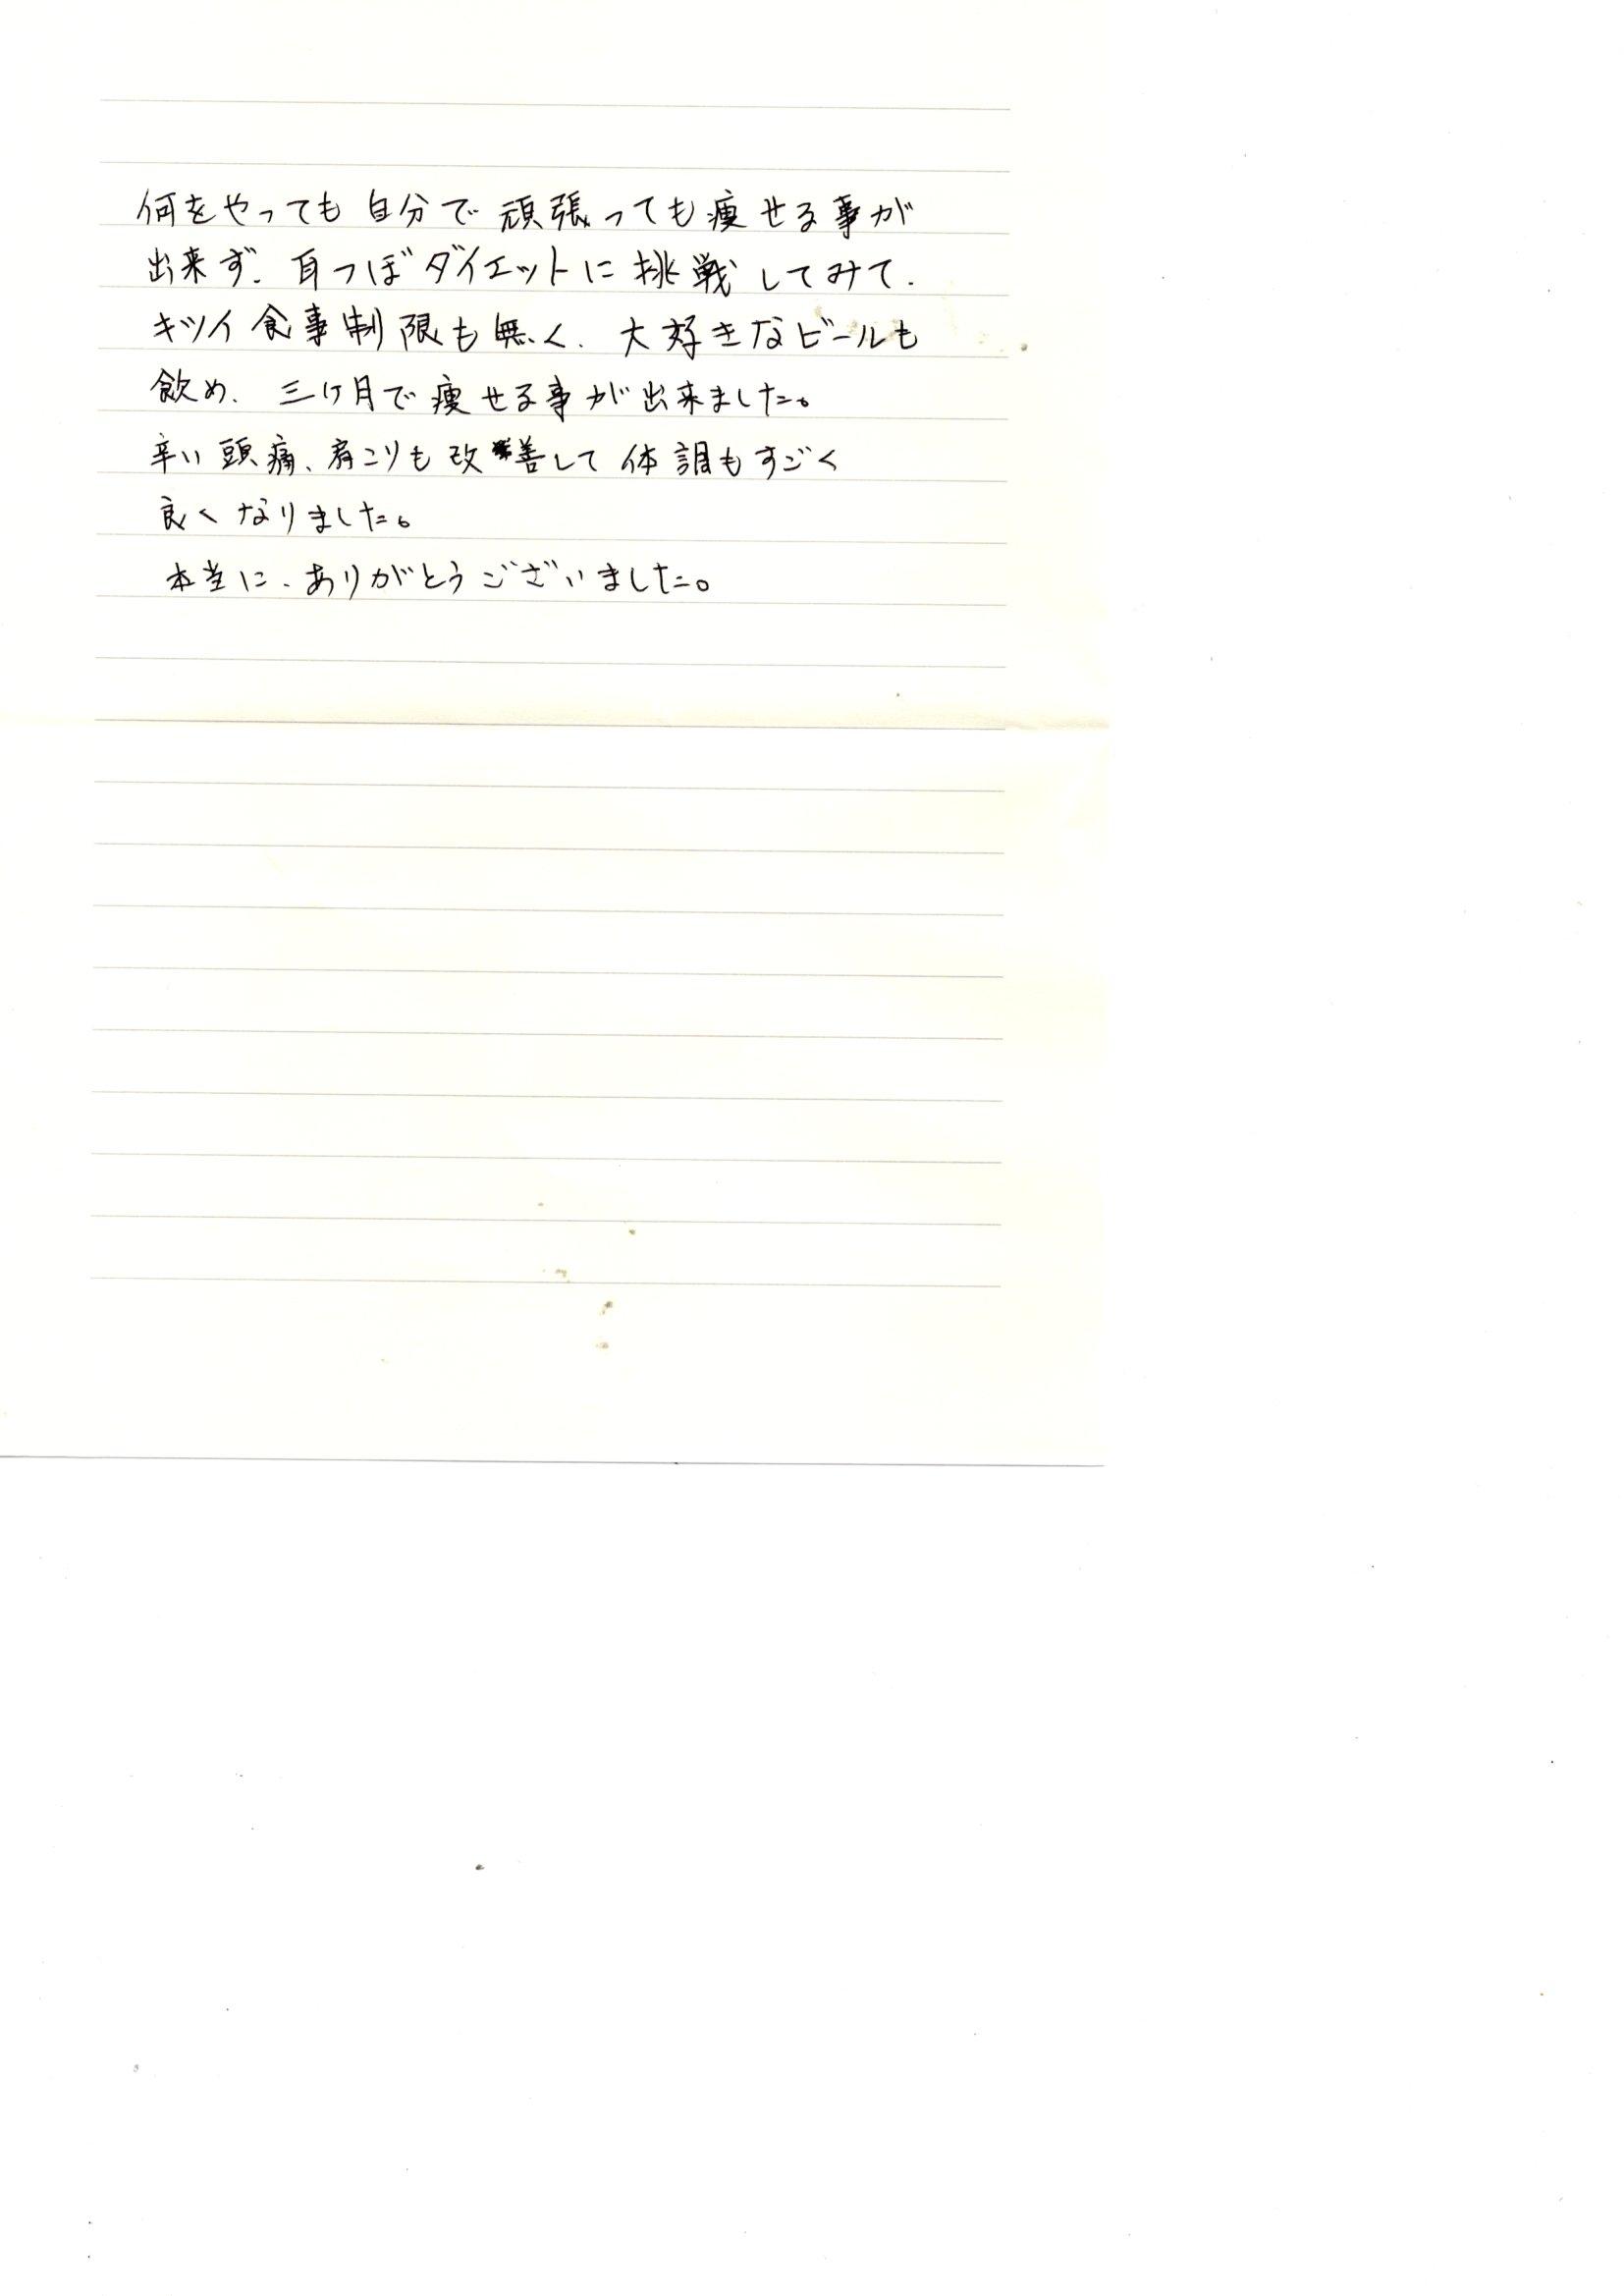 呉屋綾乃さんお手紙